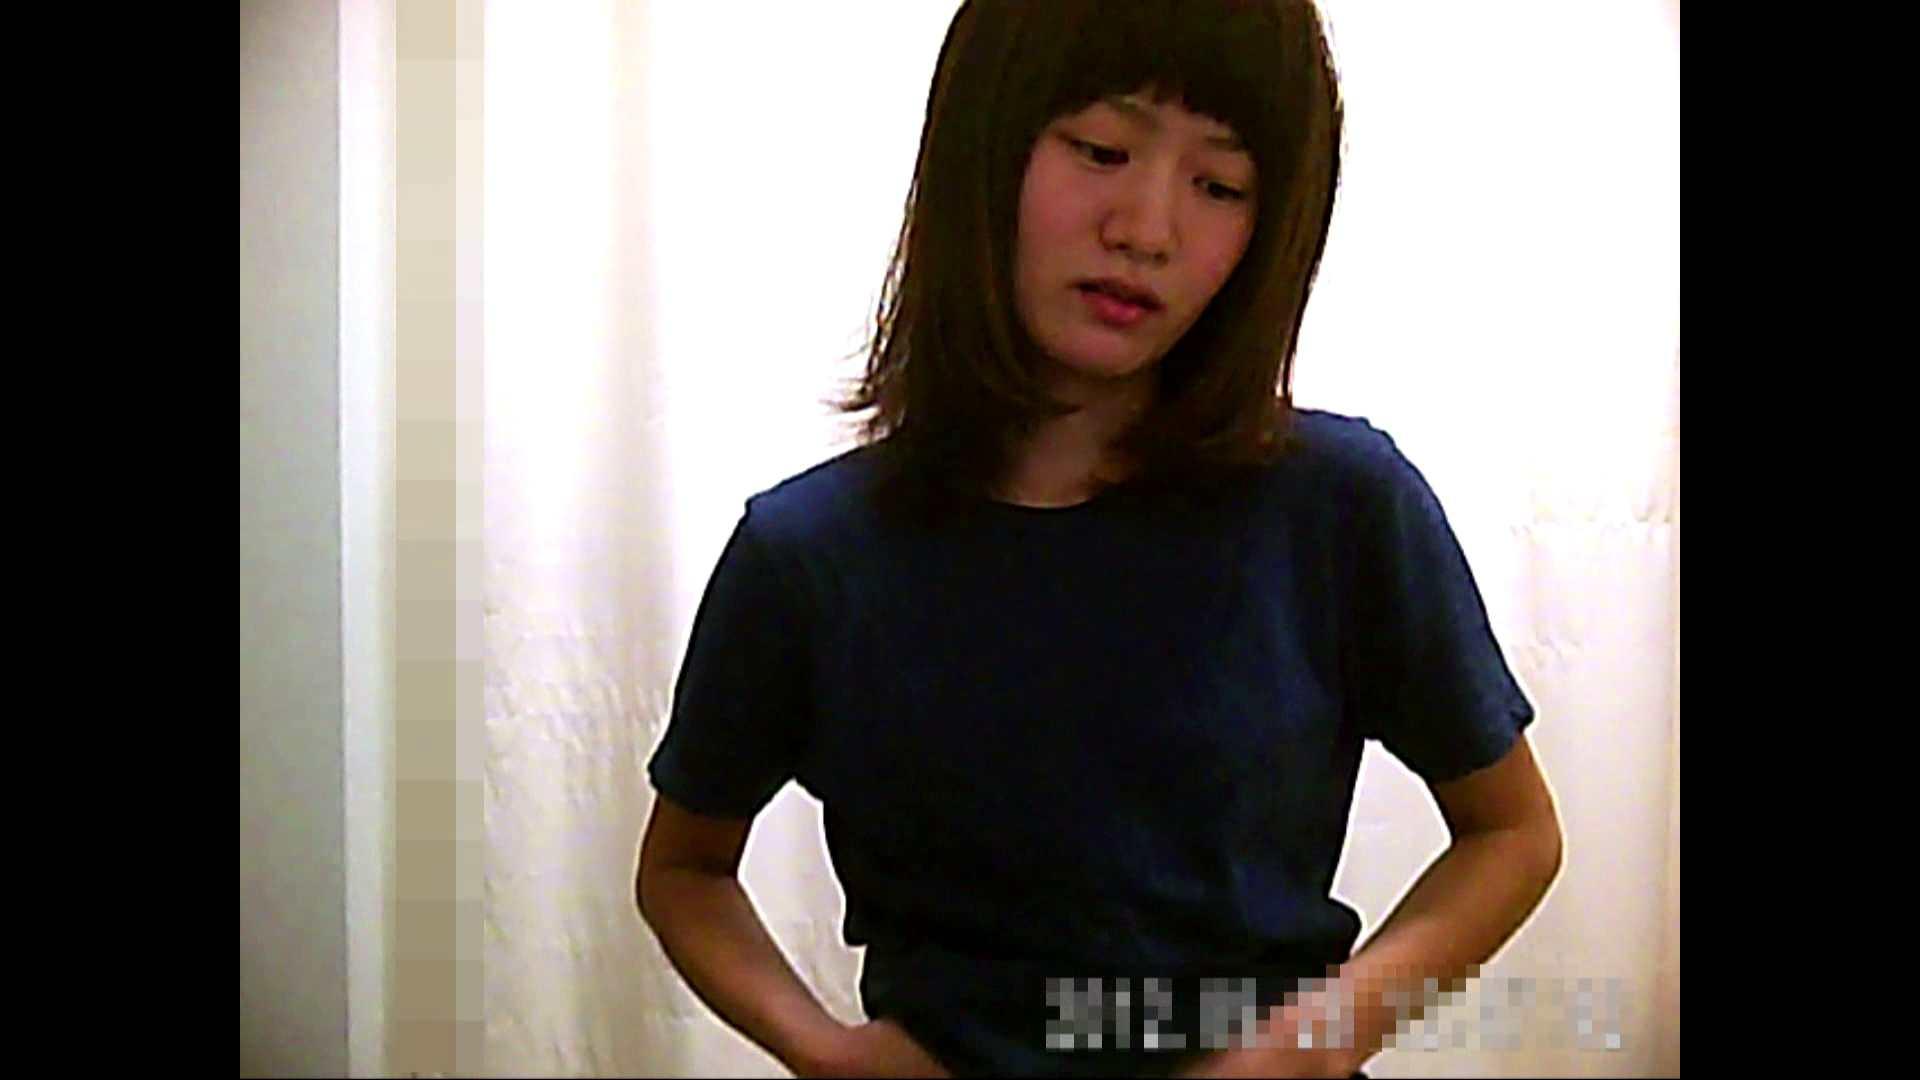 元医者による反抗 更衣室地獄絵巻 vol.072 OLハメ撮り  68Pix 28